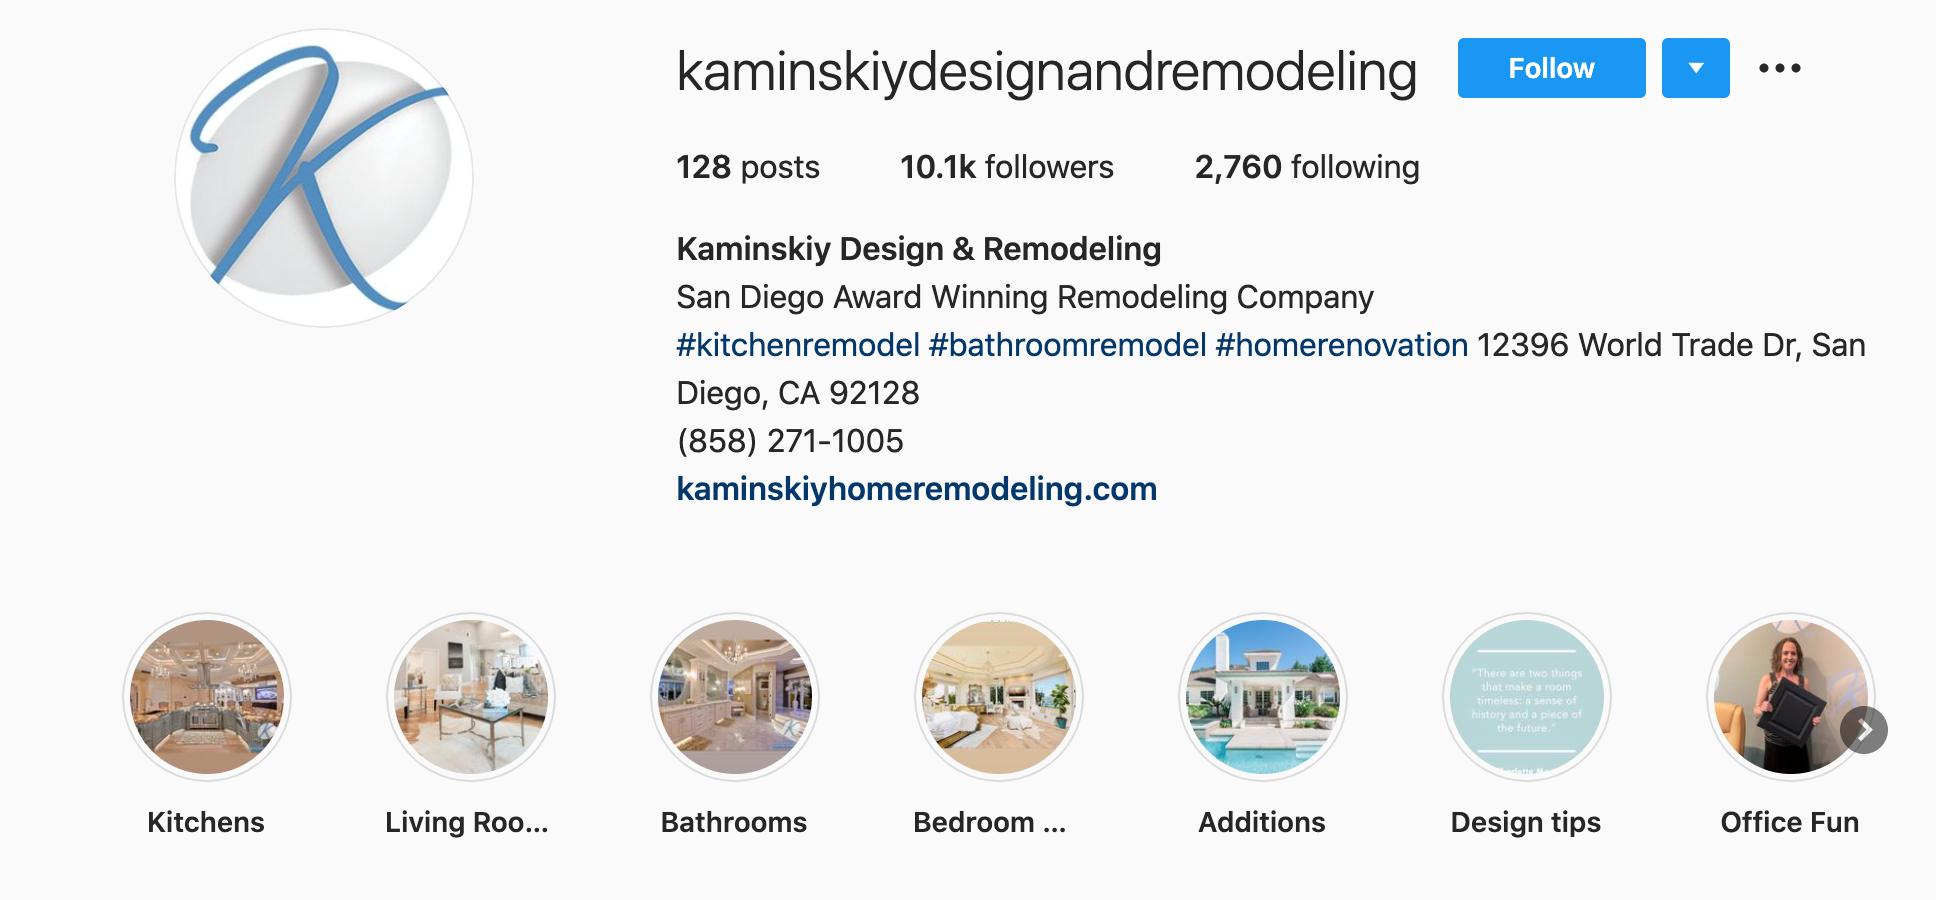 kaminskiy-design-&-remodeling-kaminskiydesignandremodeling-instagram-profile